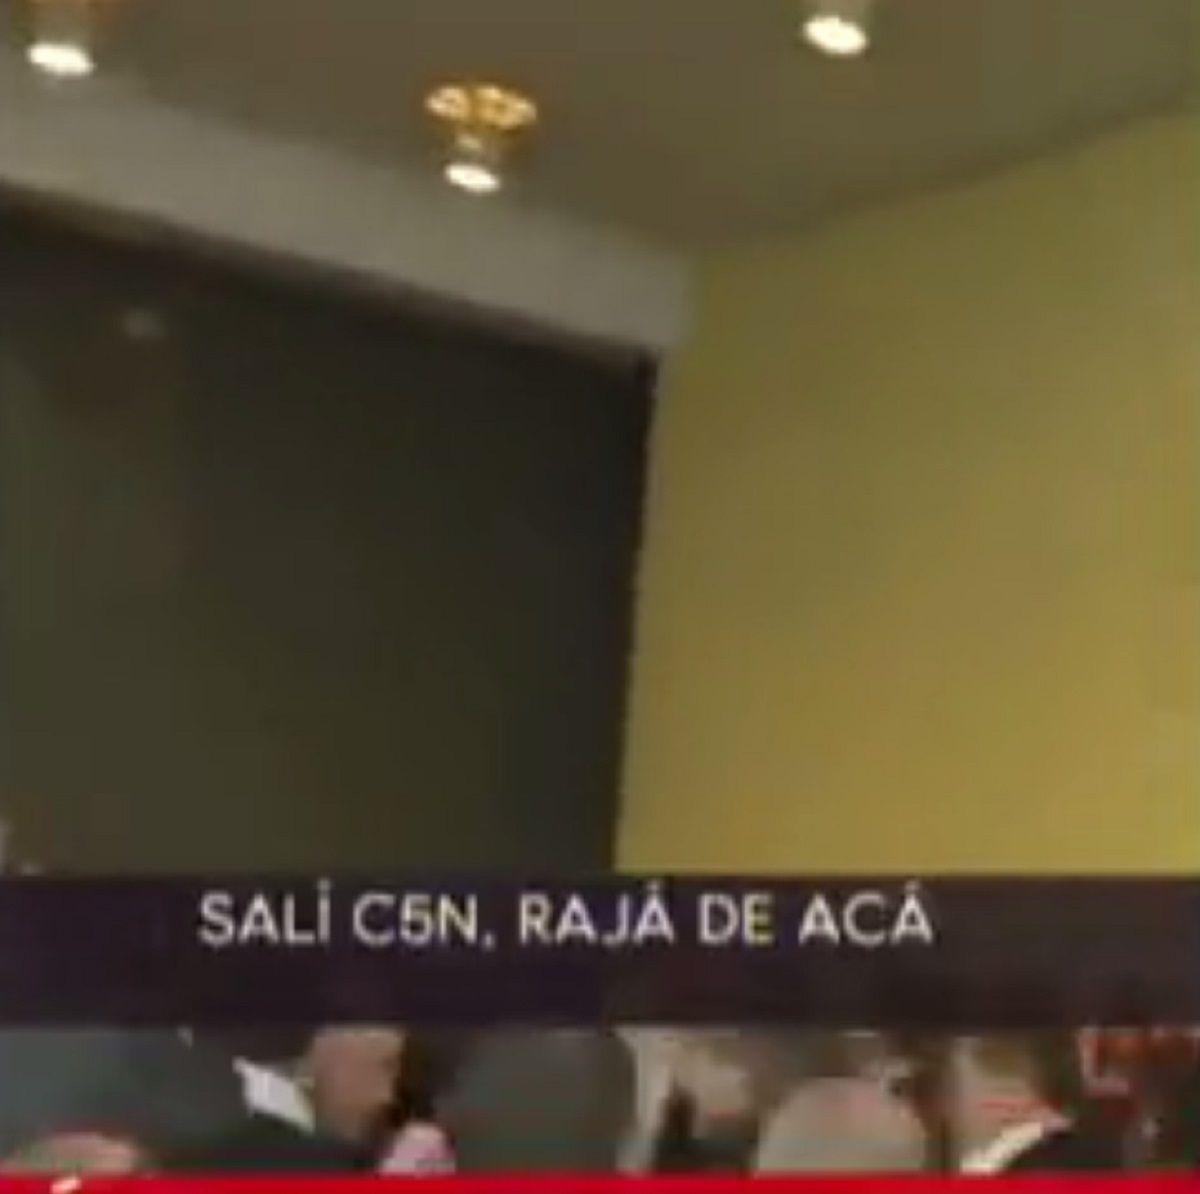 Maltro de Macri a C5N en La Rural